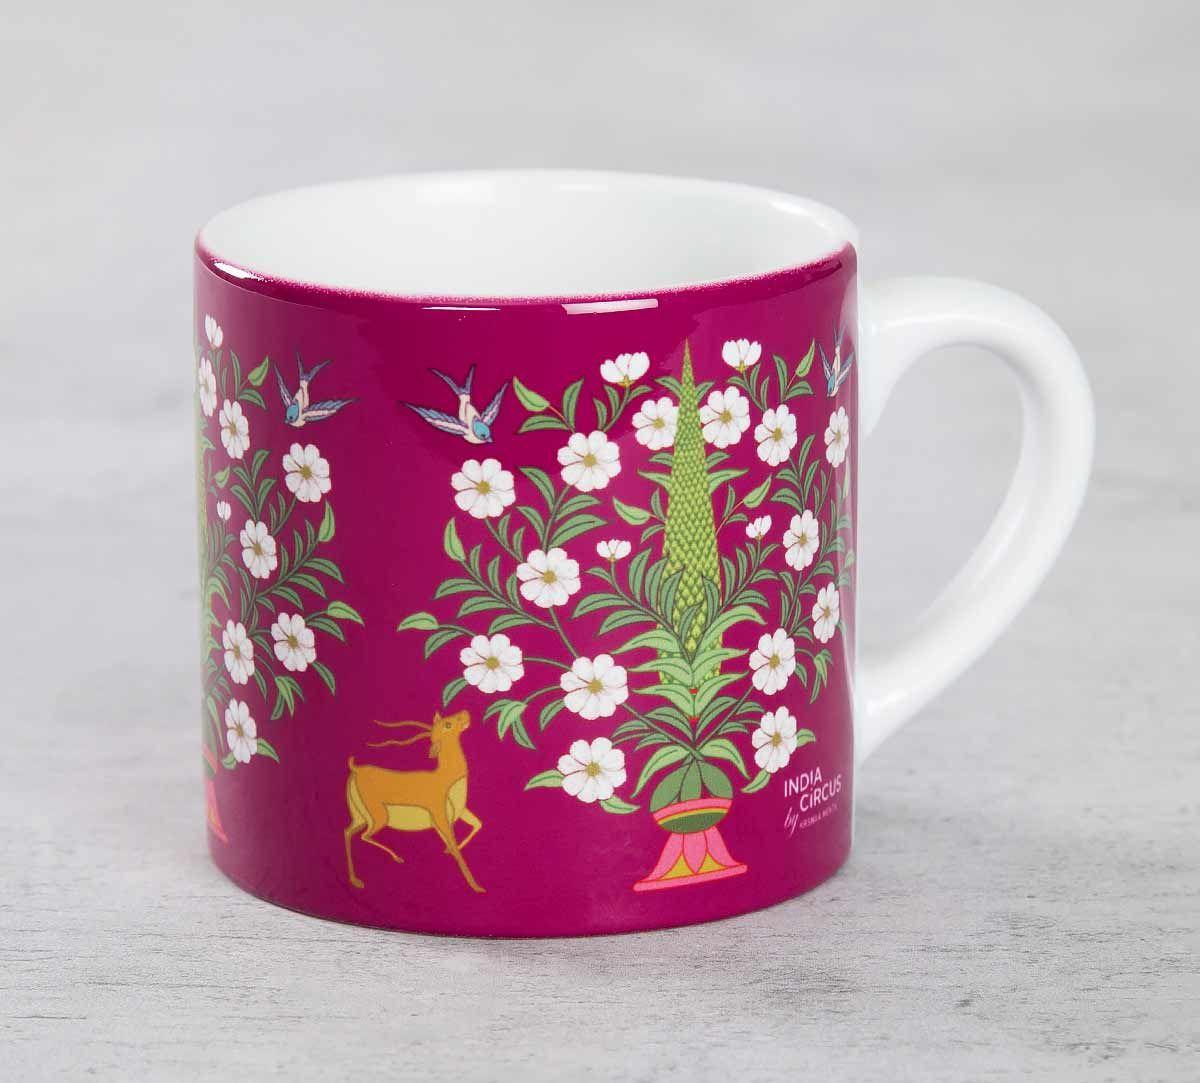 India Circus Deer and Conifer Garden Espresso Mug